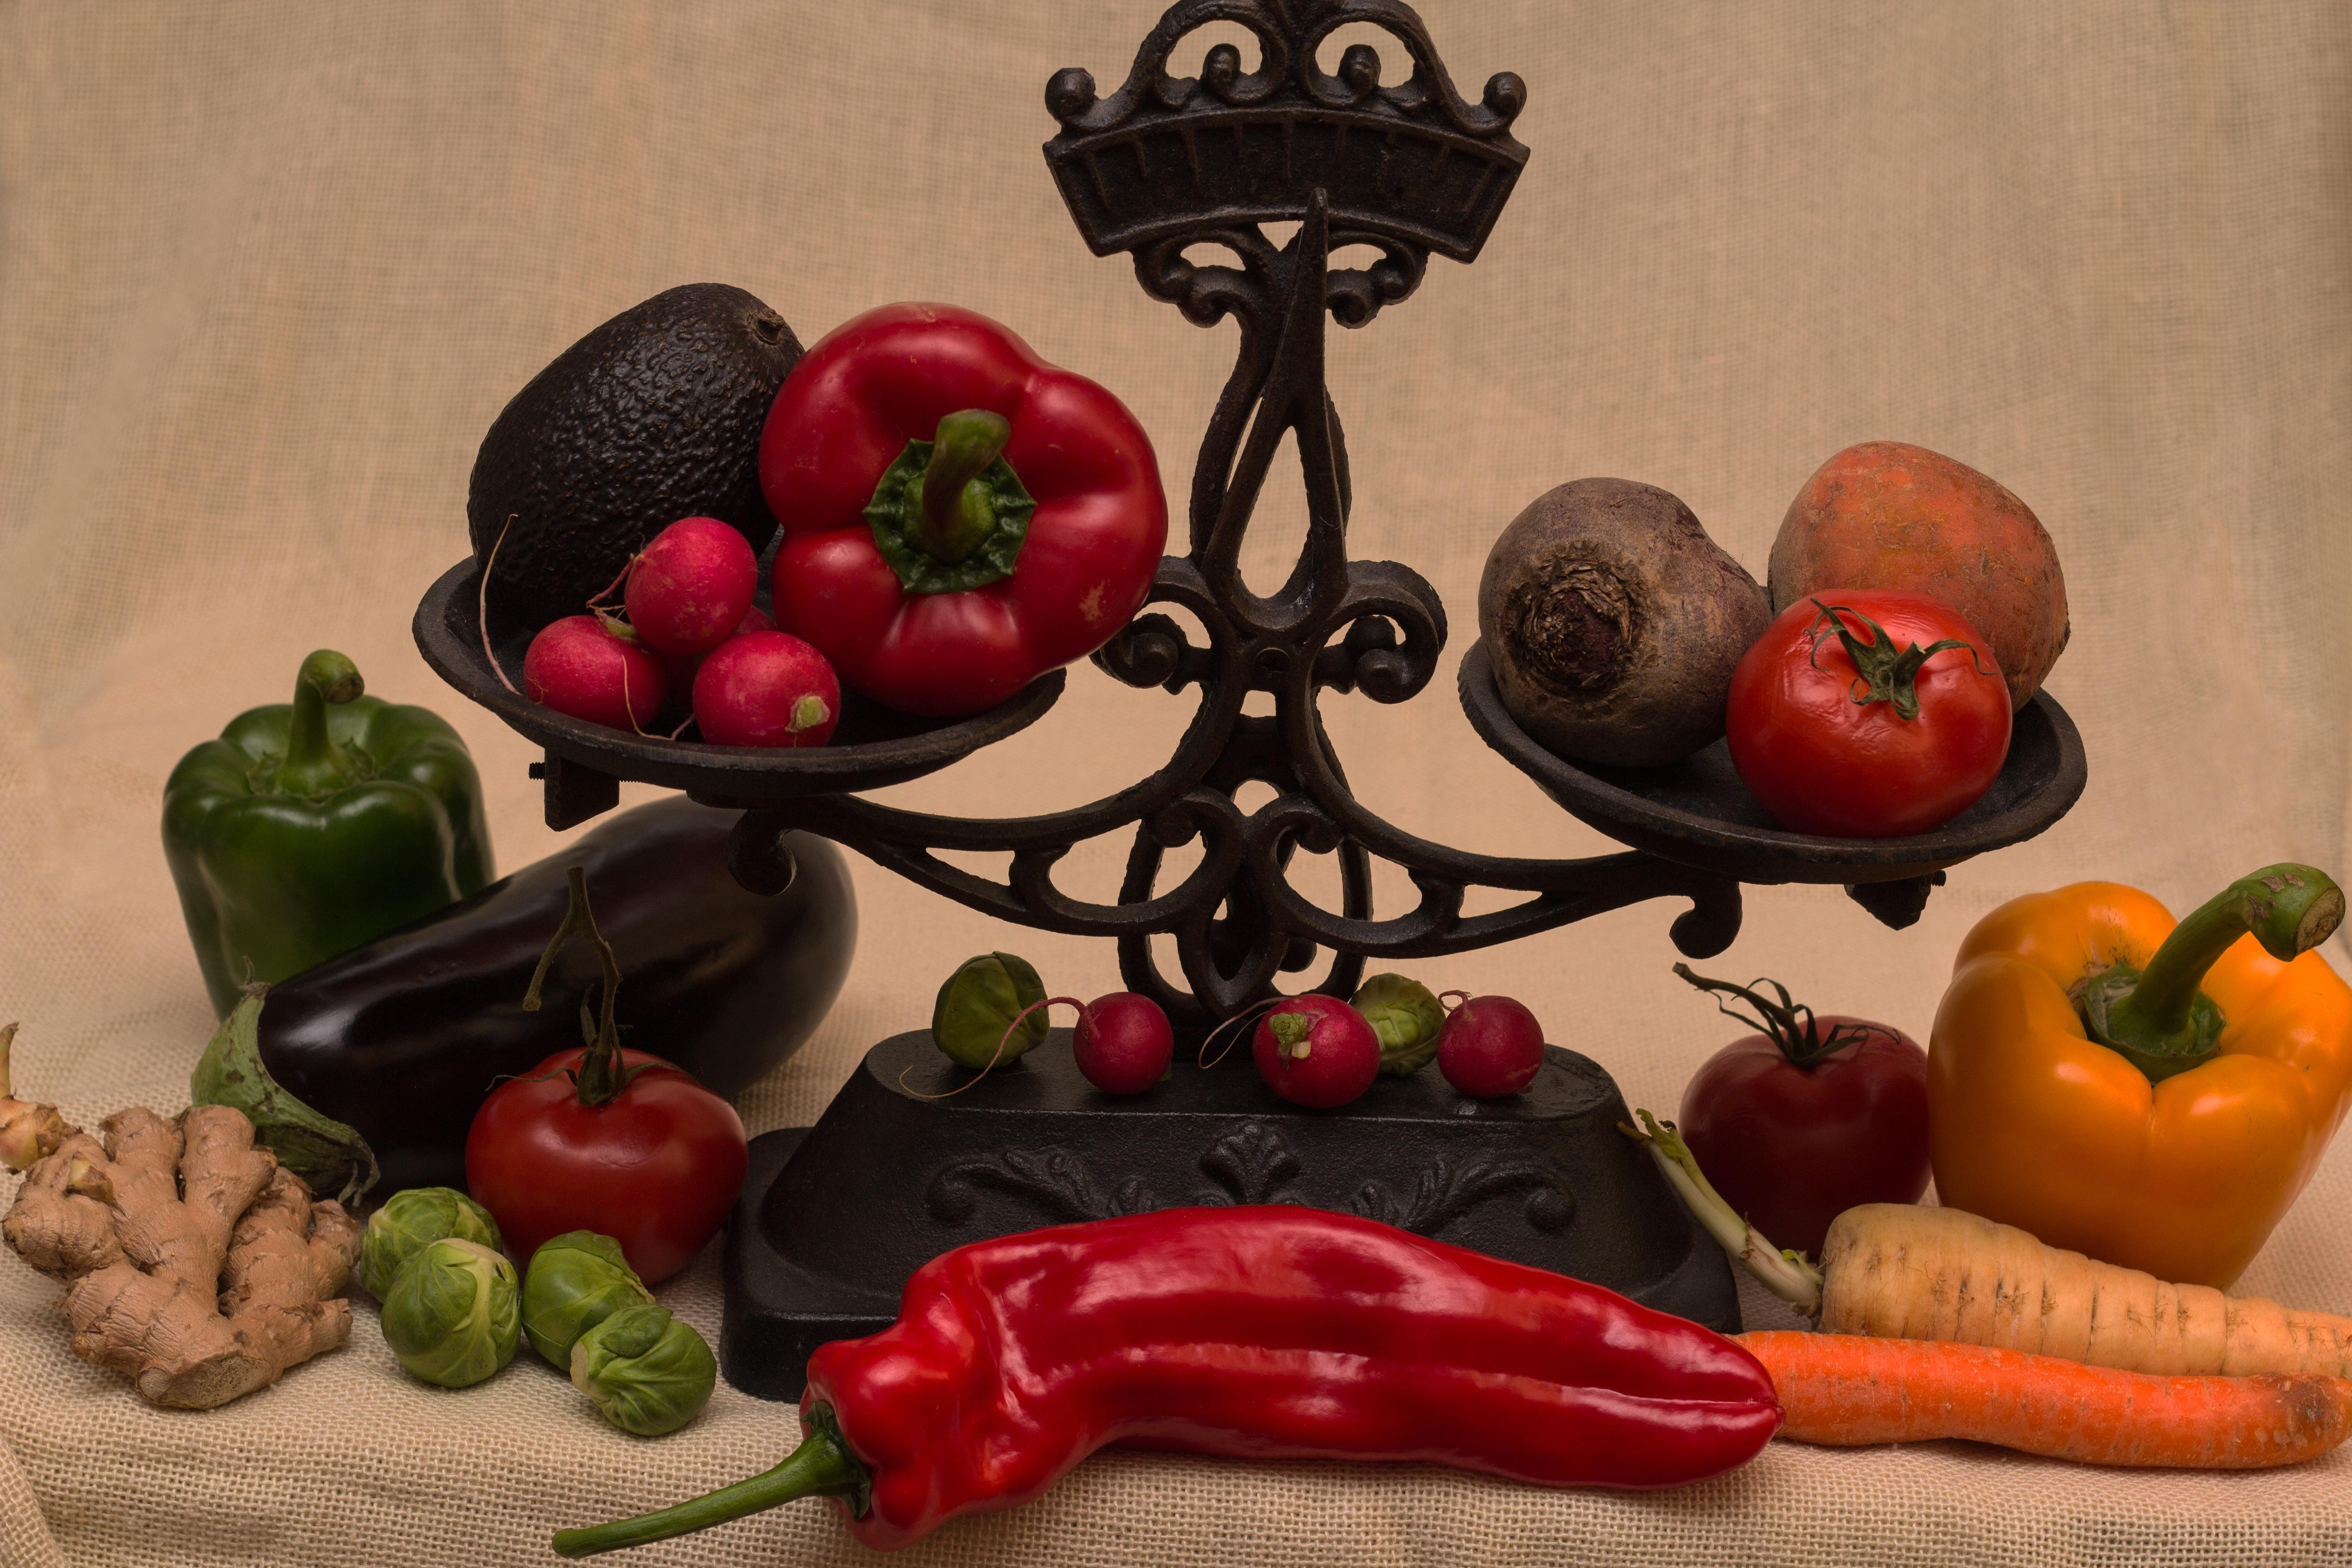 Kostenlose foto : Frucht, Lebensmittel, rot, produzieren, Gemüse ...